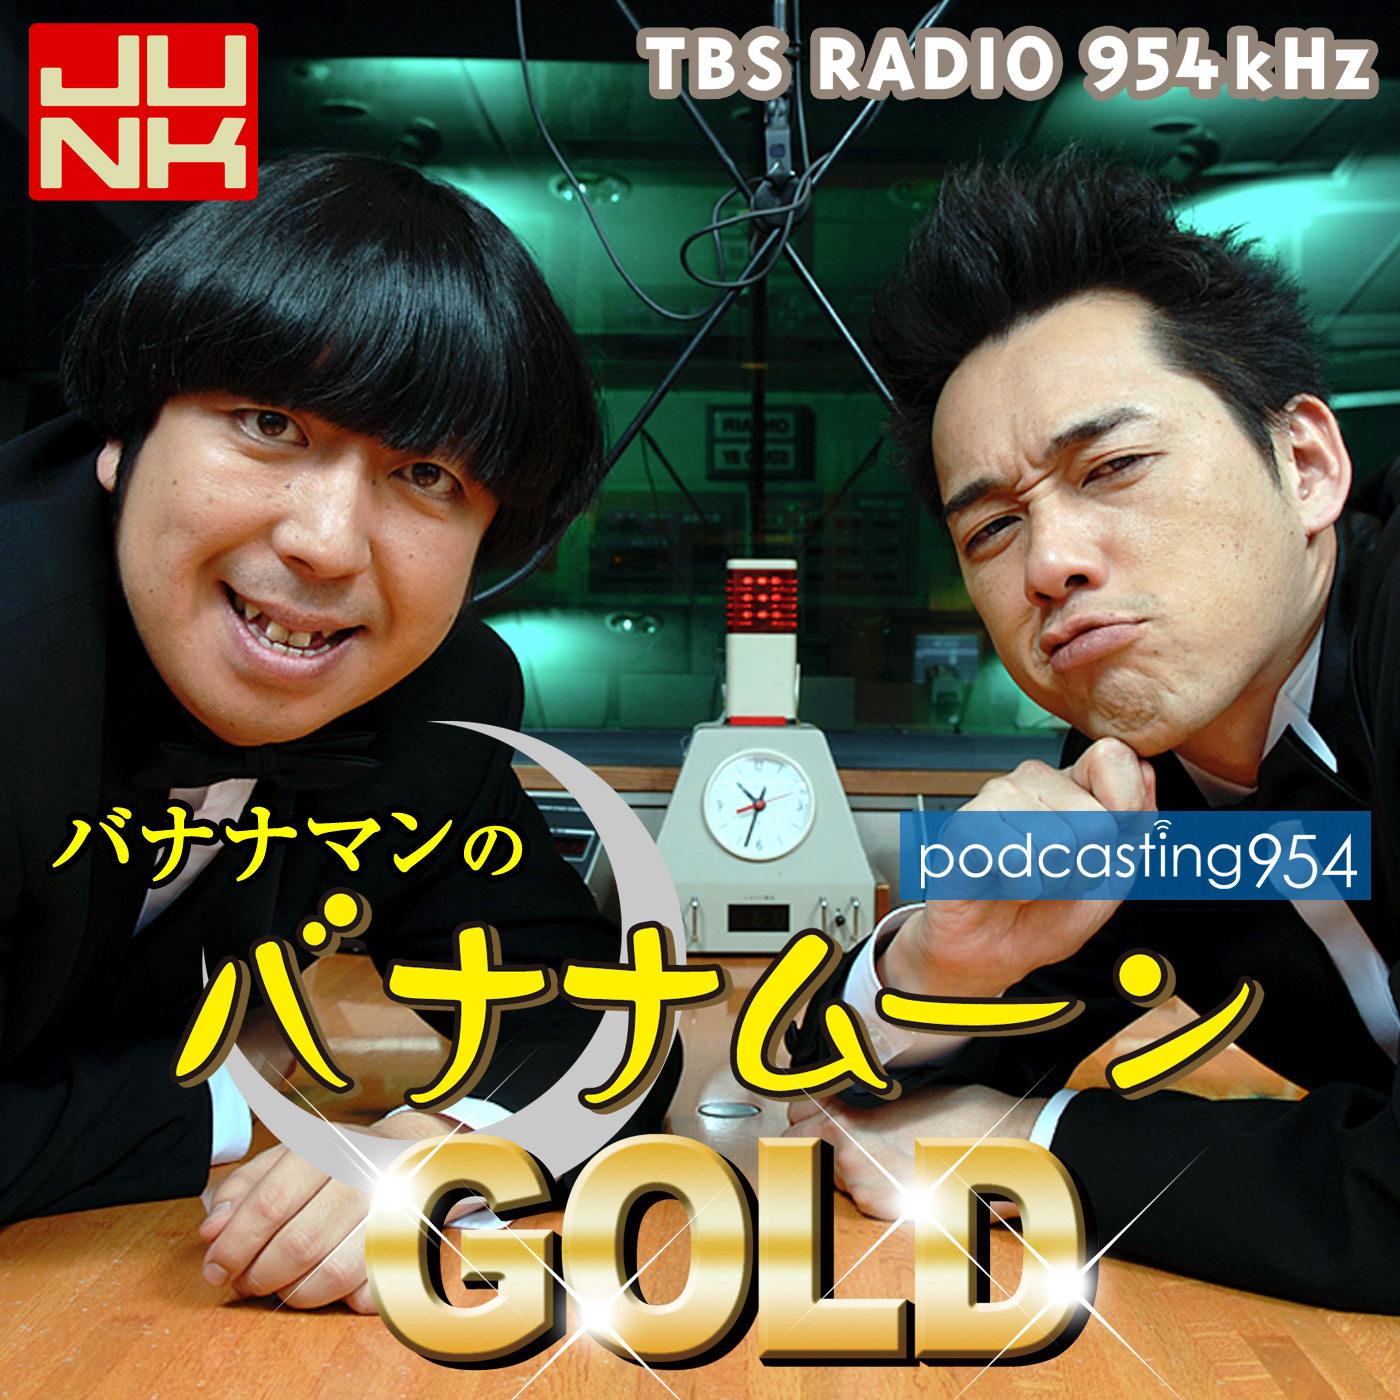 【バナナマンのラジオ】日村勇紀のヒムペキ兄さんが面白すぎる!のサムネイル画像